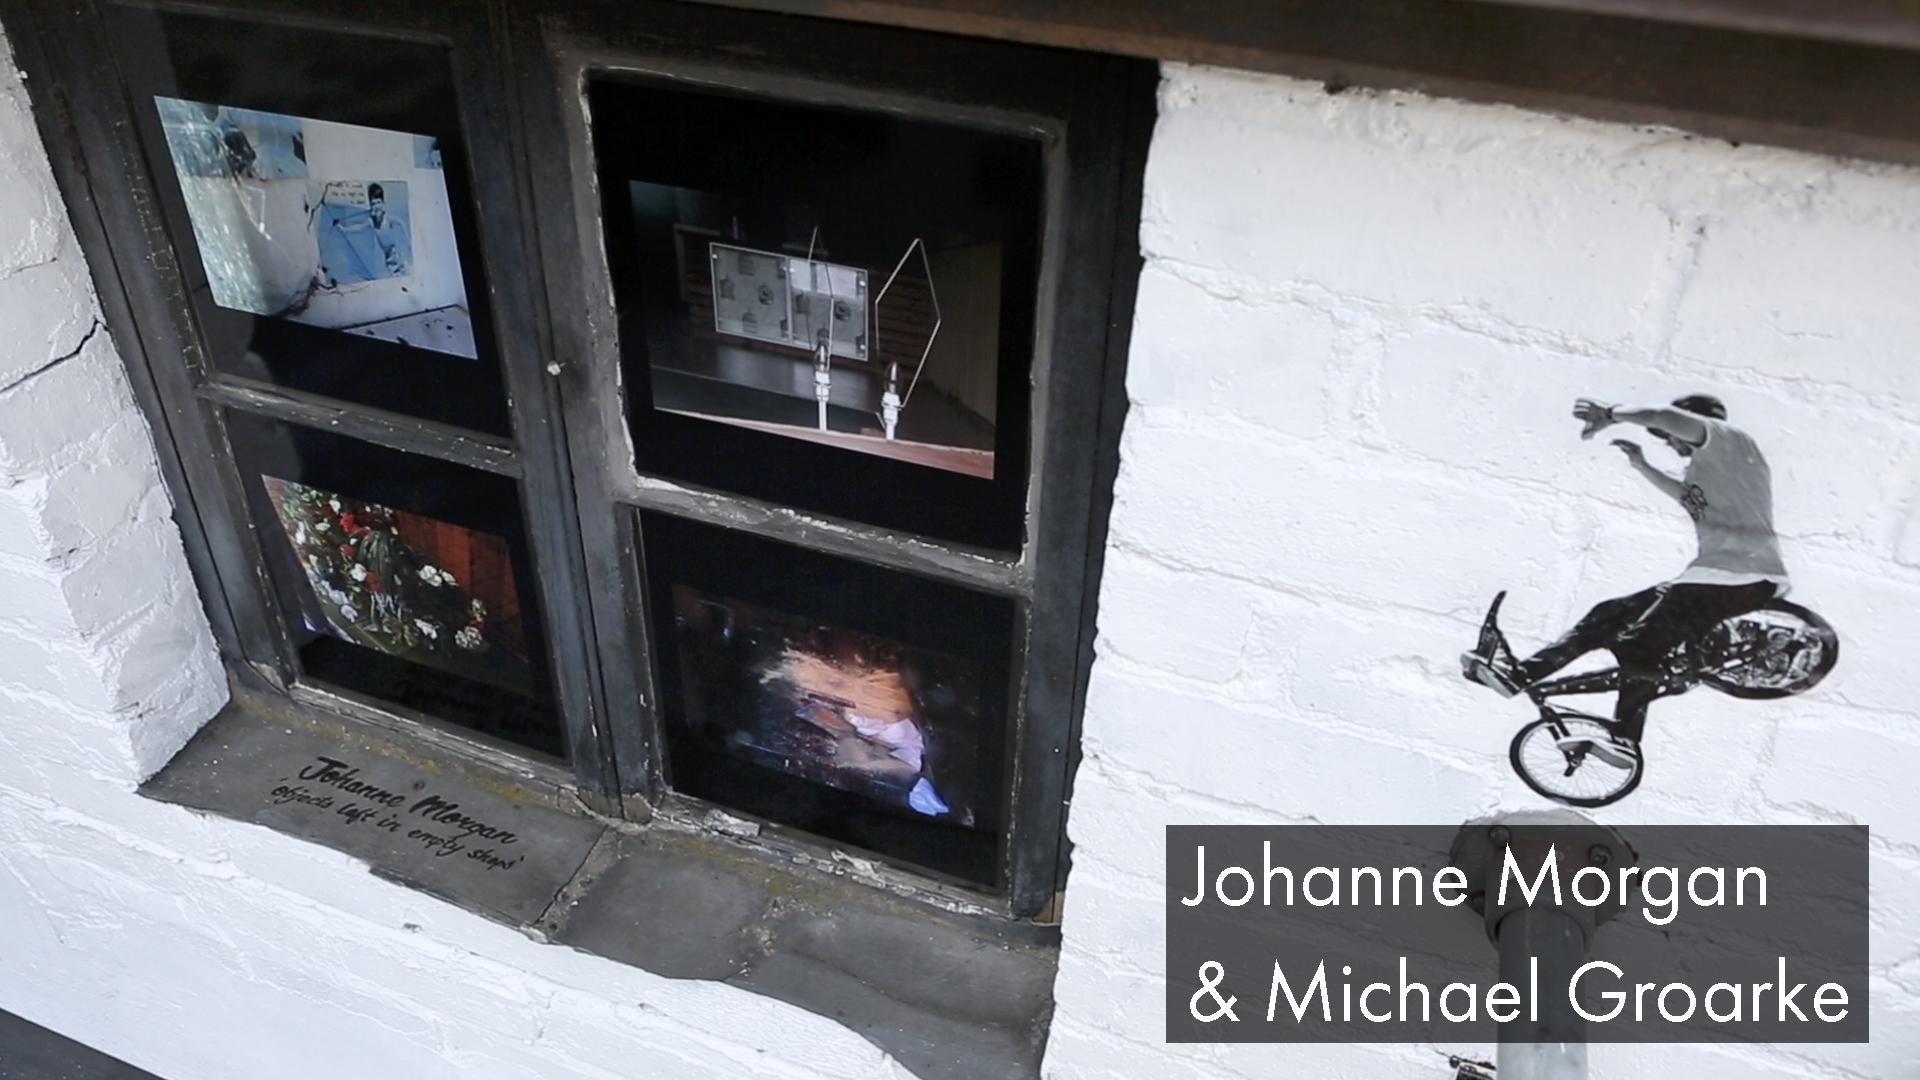 JohanneMorgan&MichaelGroarke.jpg